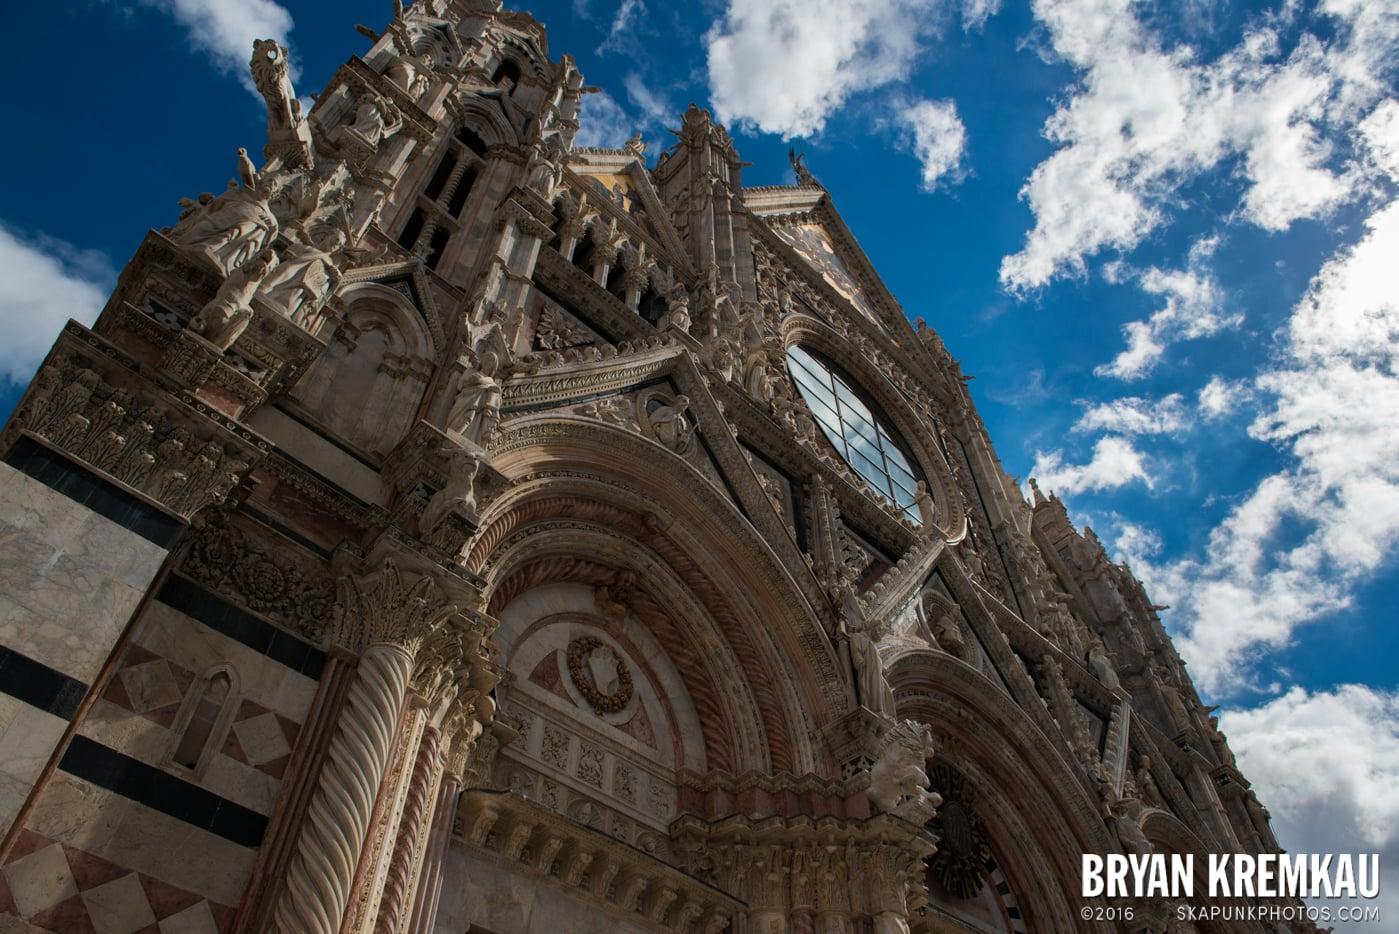 Italy Vacation - Day 8: Siena, San Gimignano, Chianti, Pisa - 9.16.13 (124)